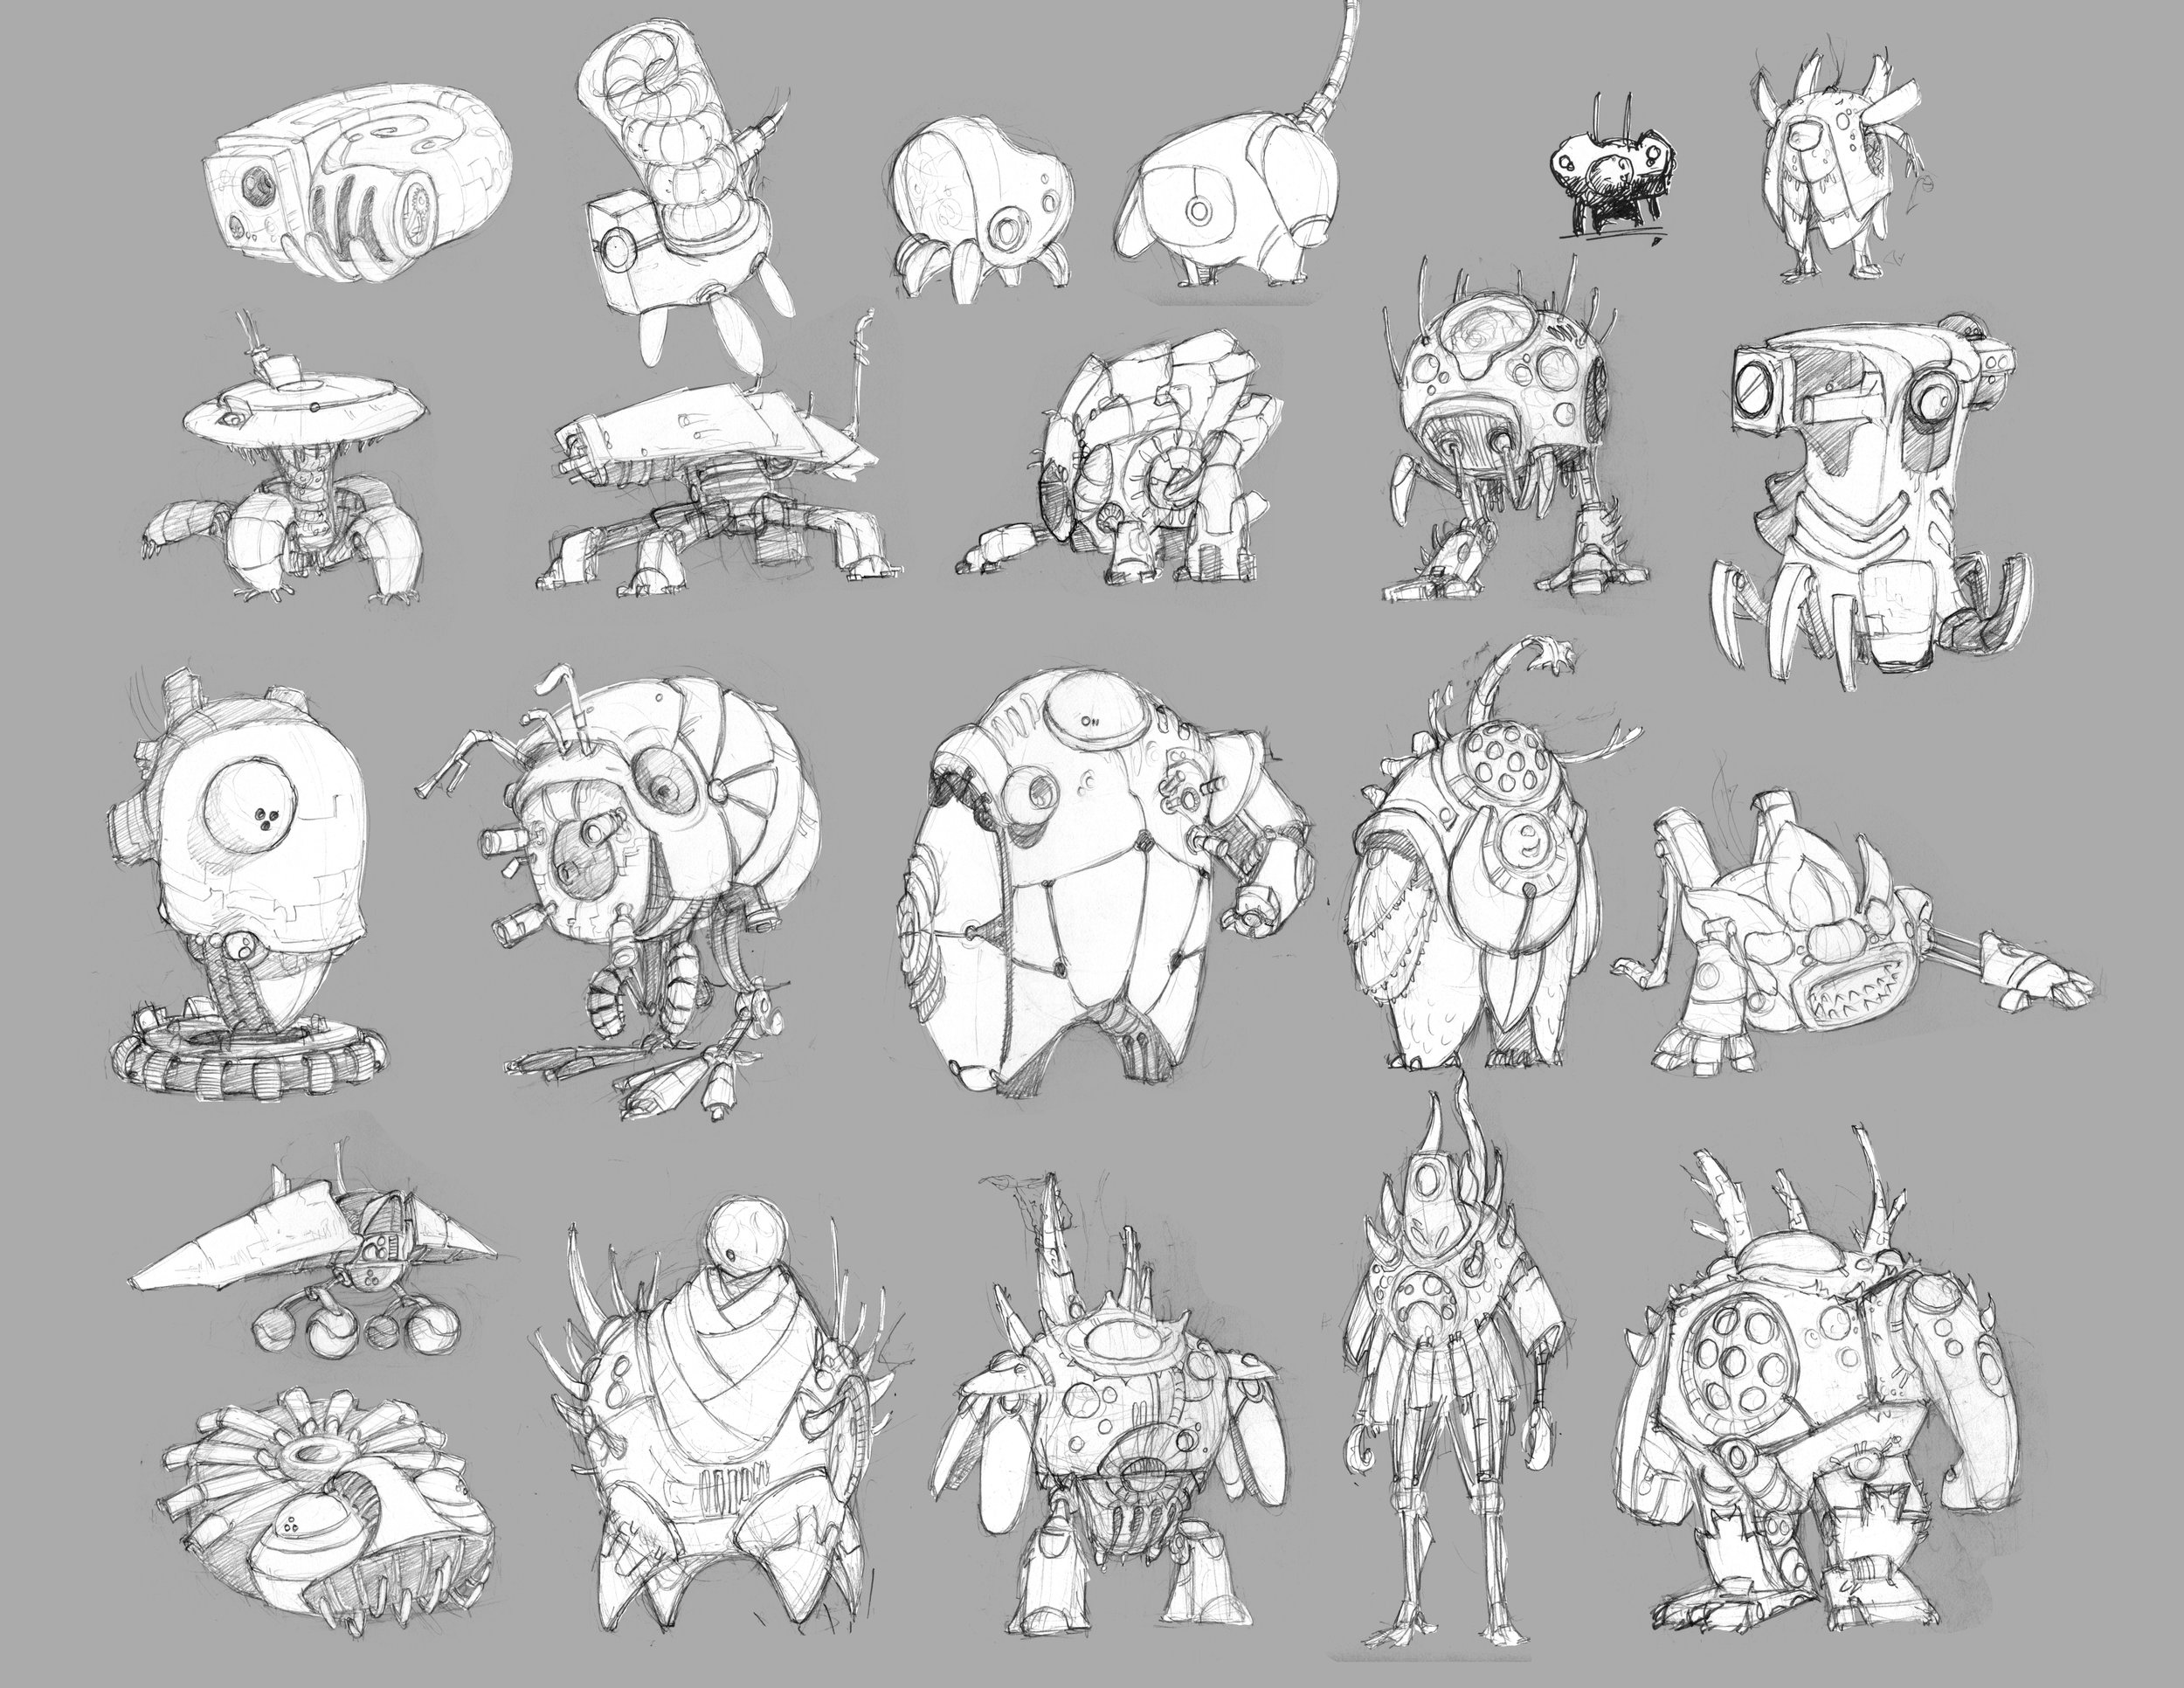 Alternate design sketches for the alien mech.